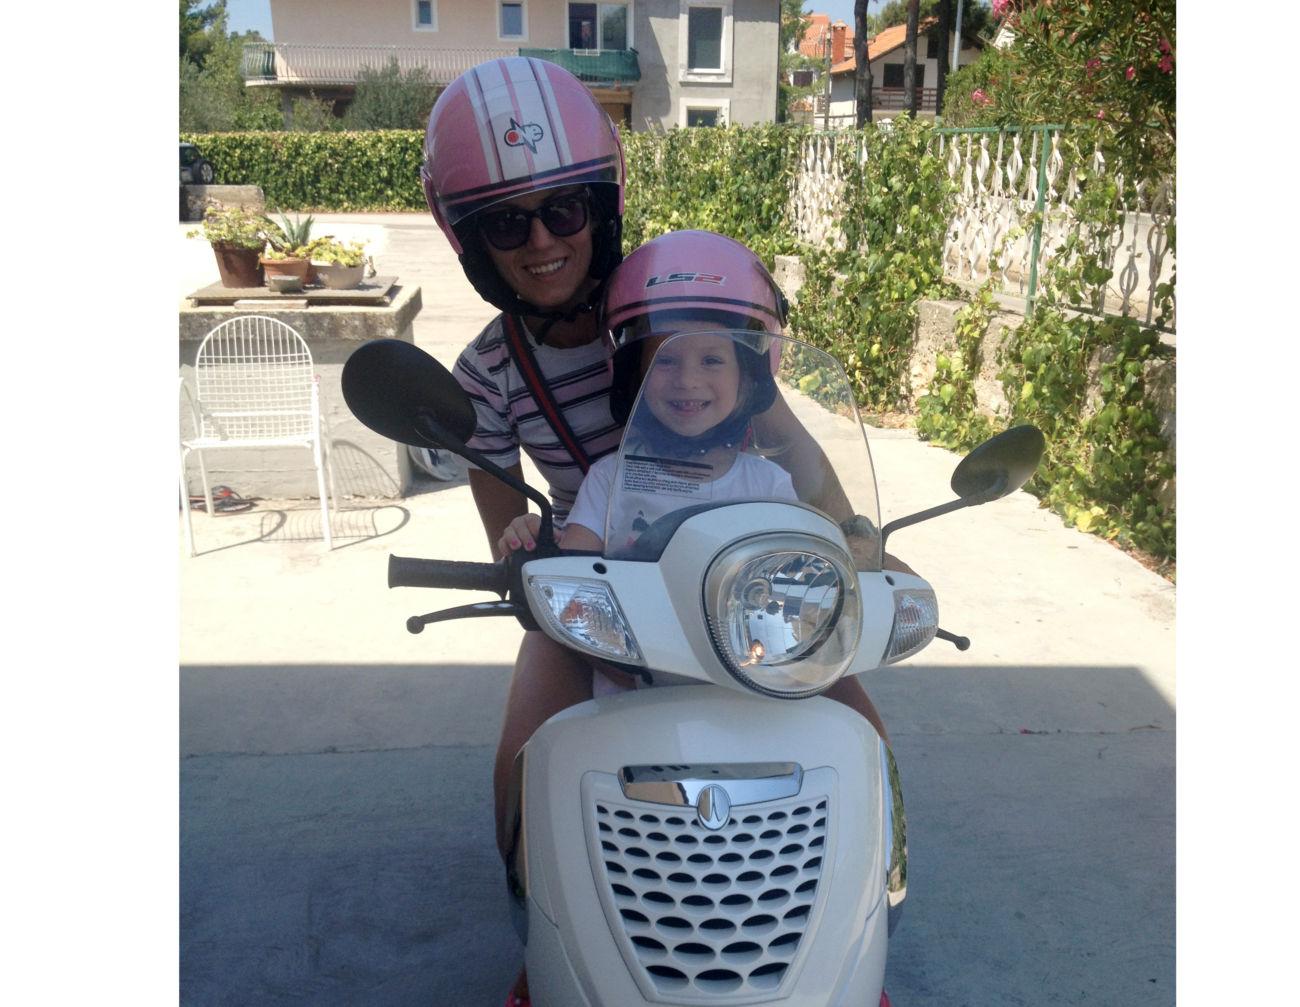 motor maja moric najmladji clan obitelji kaciga za rodendan i propisan ulazak u moto svijet 290816